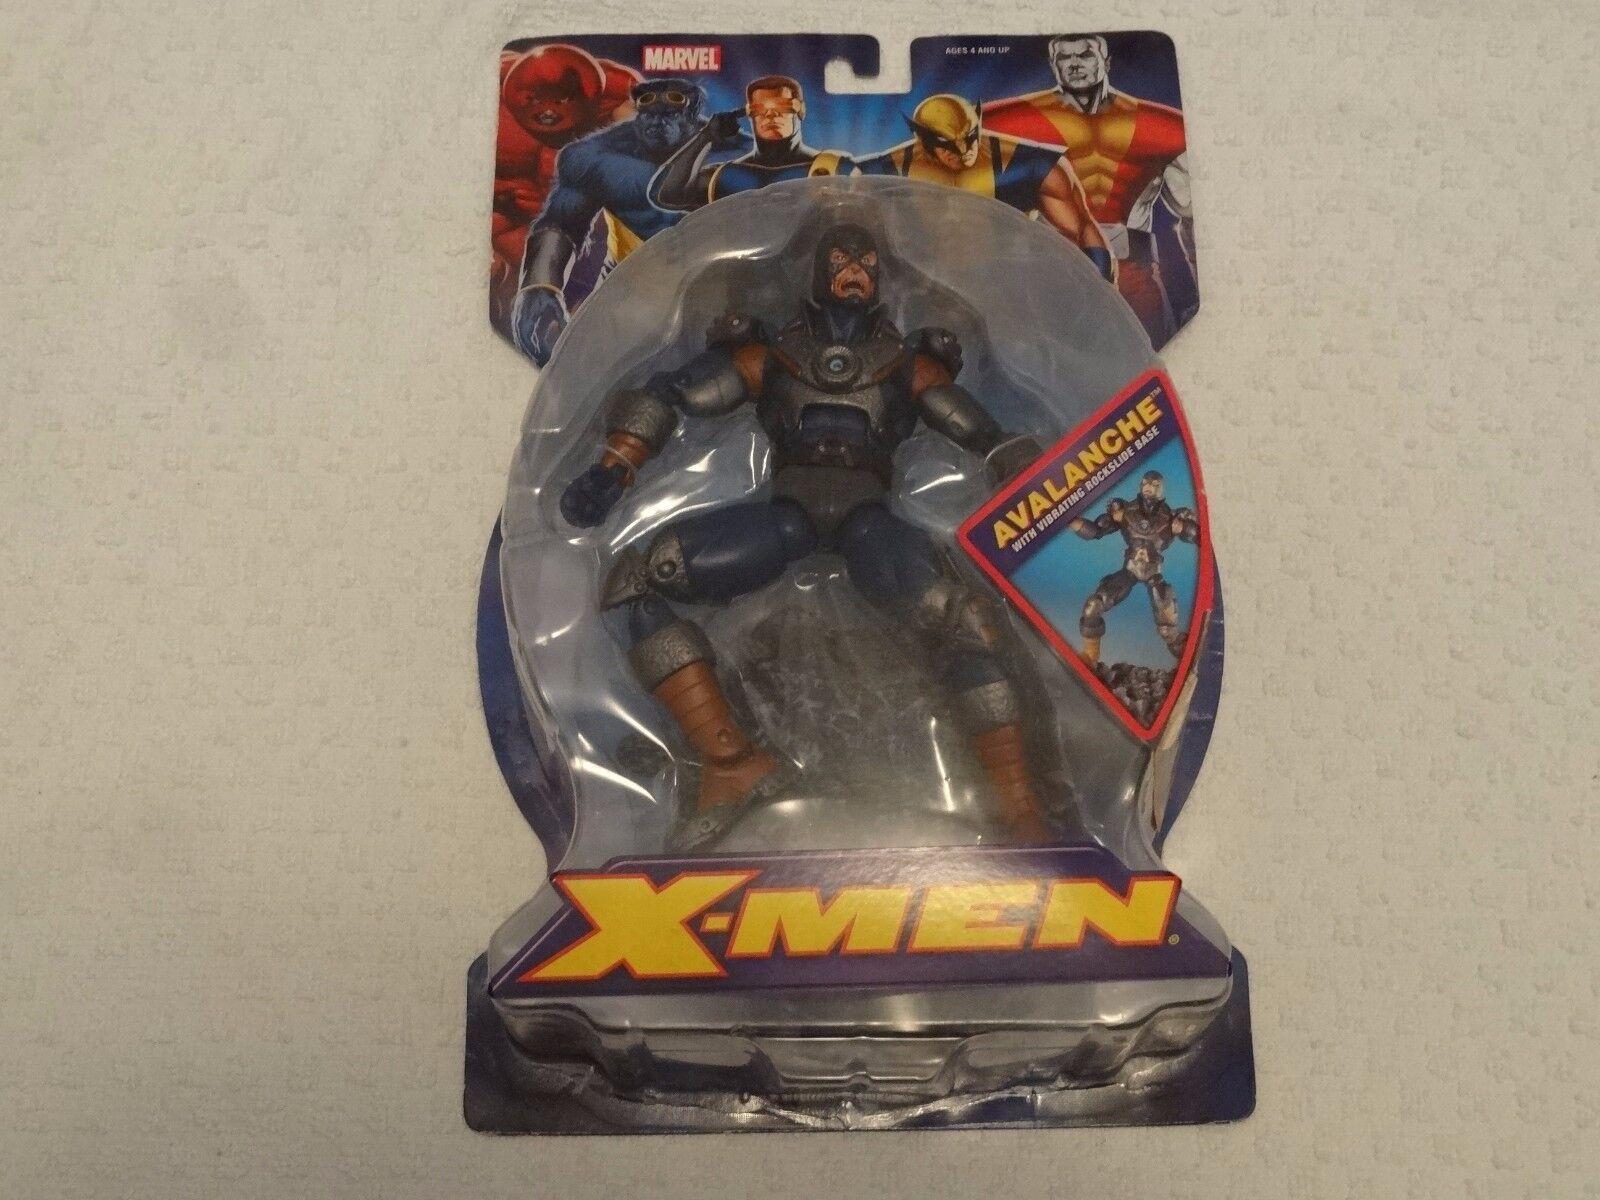 Rare X-Men Avalanche Marvel Legends Action Figure 2006 ToyBiz